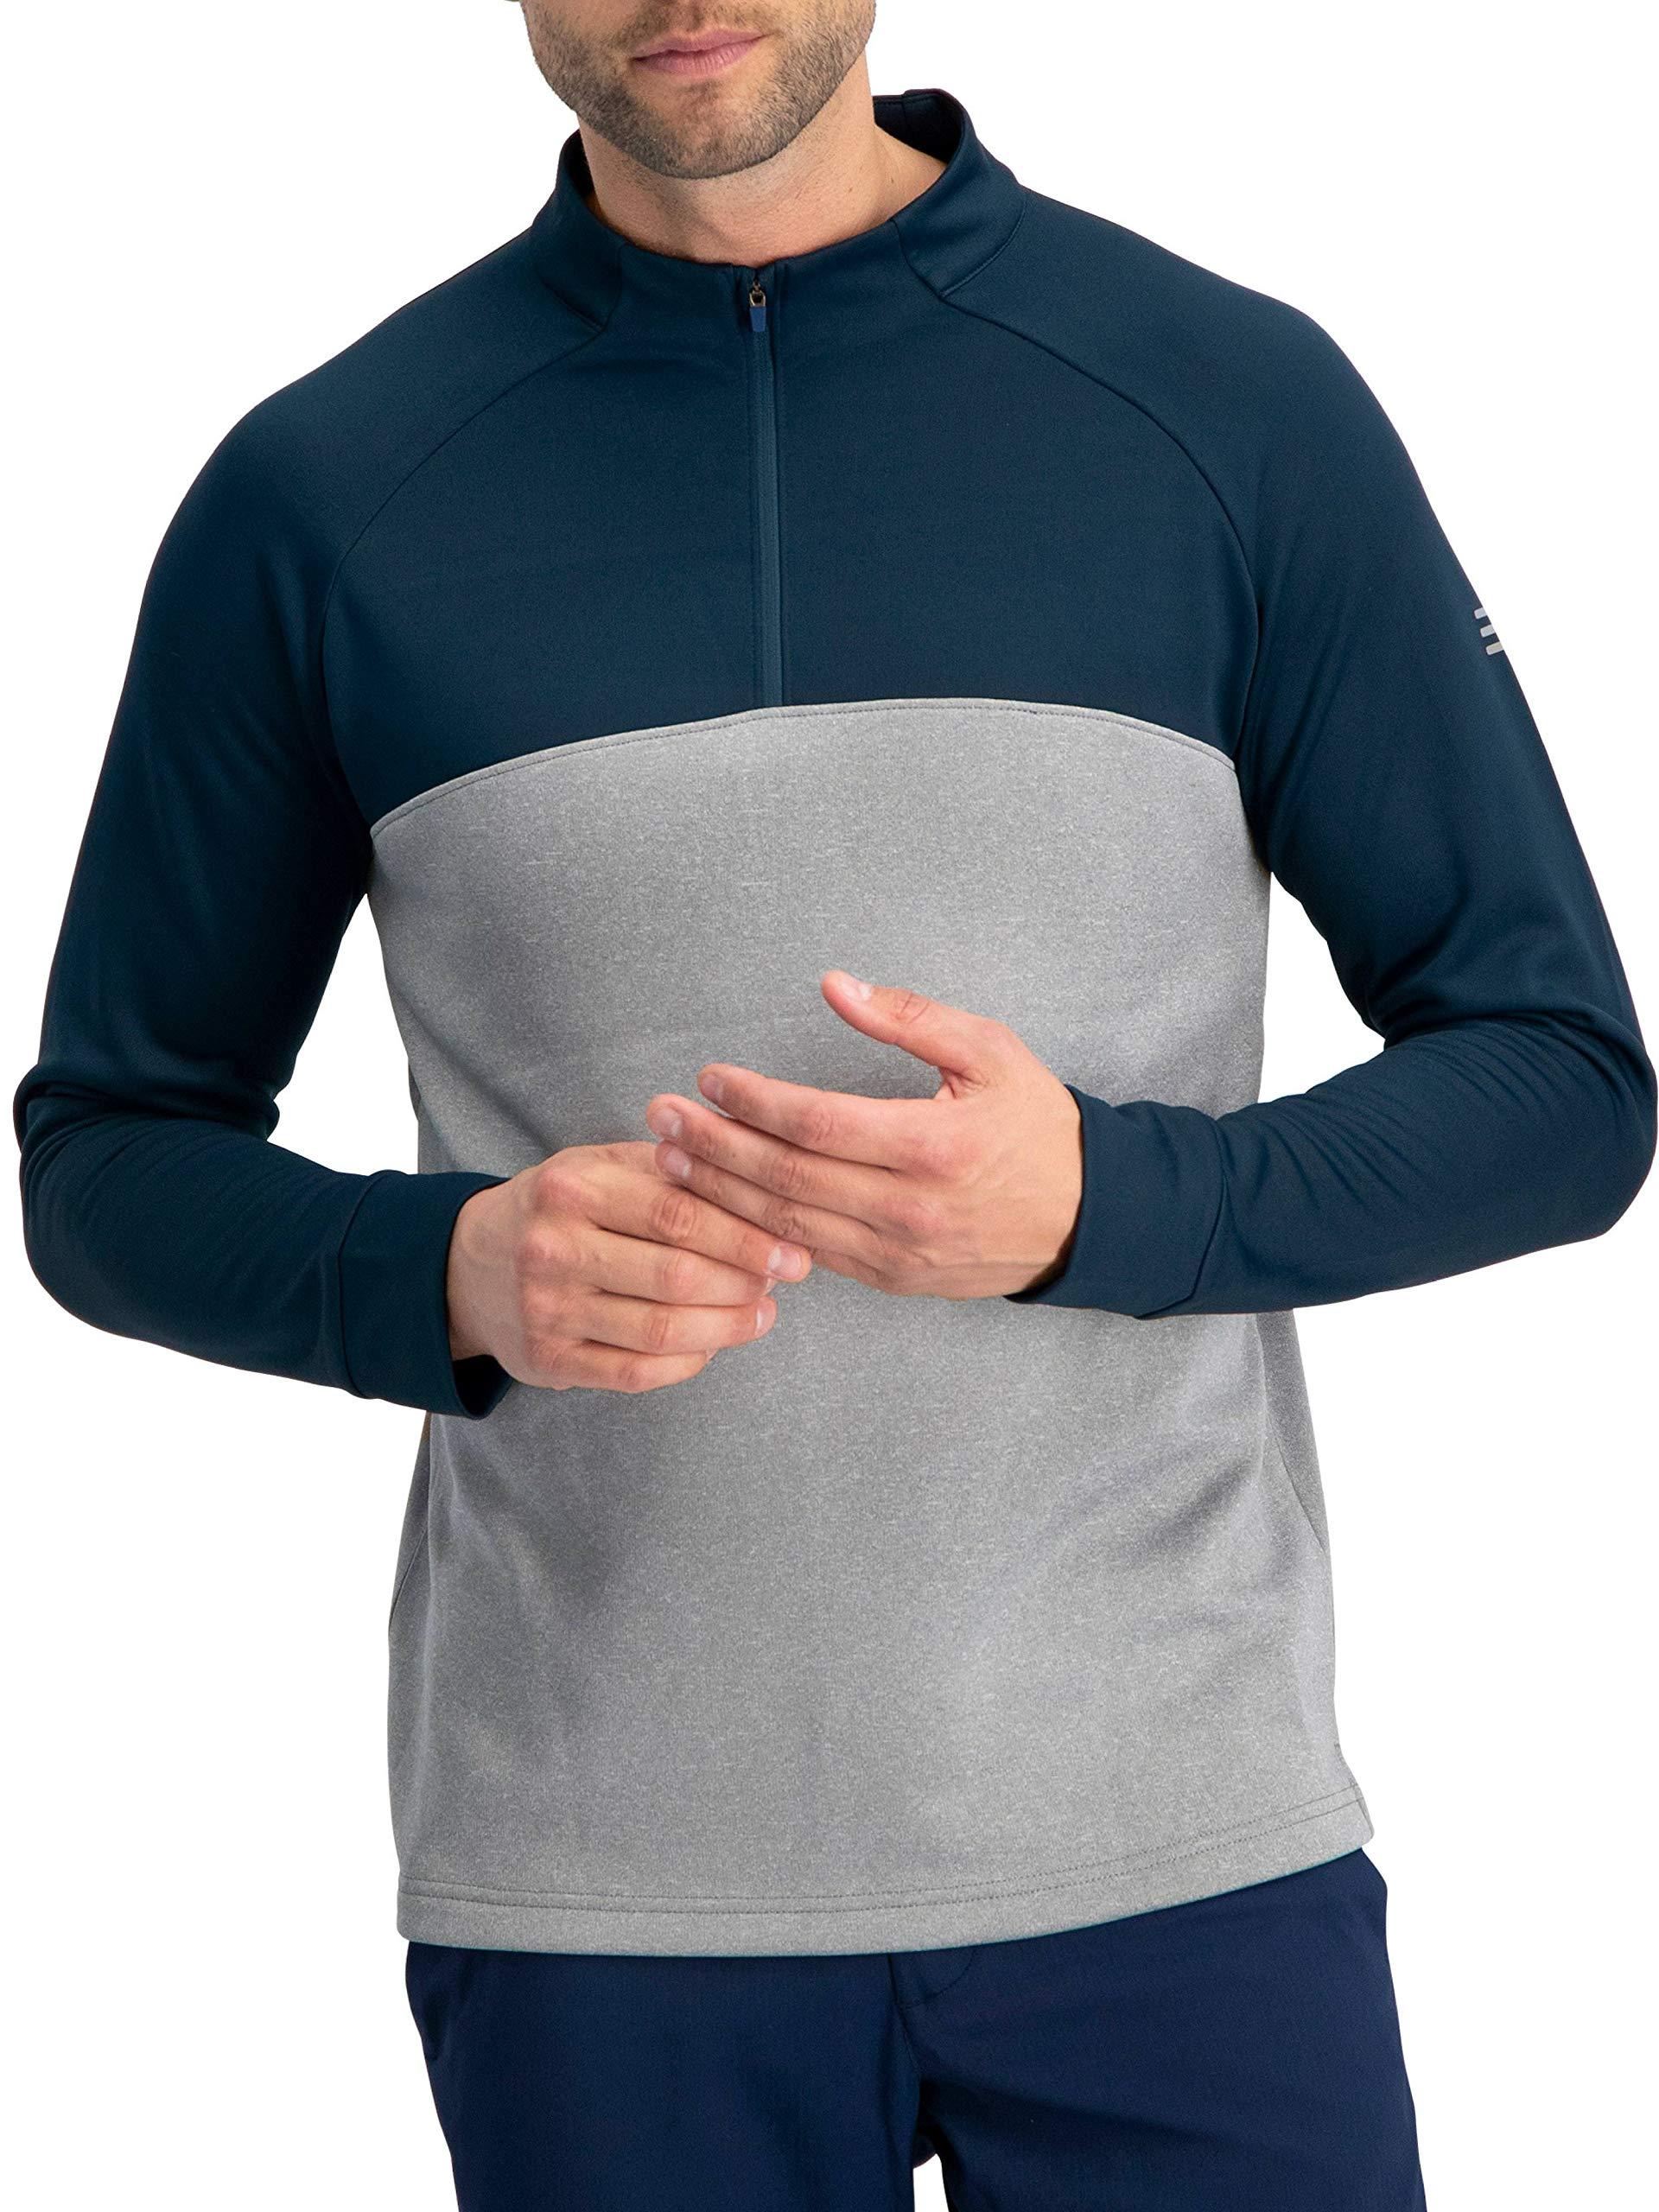 Golf Half Zip Pullover Men - Lightweight Fleece Sweater Jacket, Dry Fit Golf Shirt Deep Sea Blue